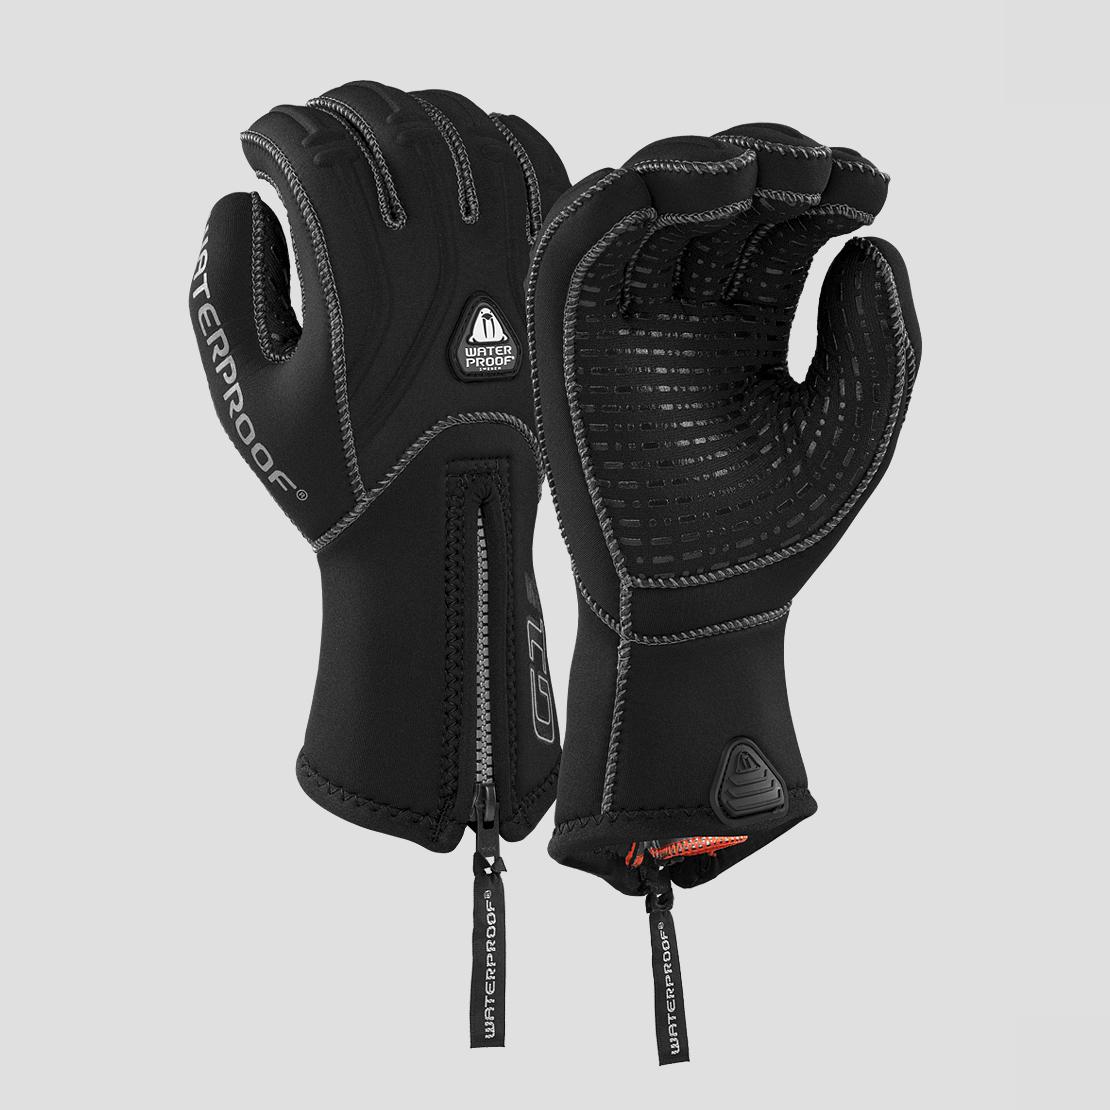 Waterproof G1 5-Fingerhandschuh (5mm)